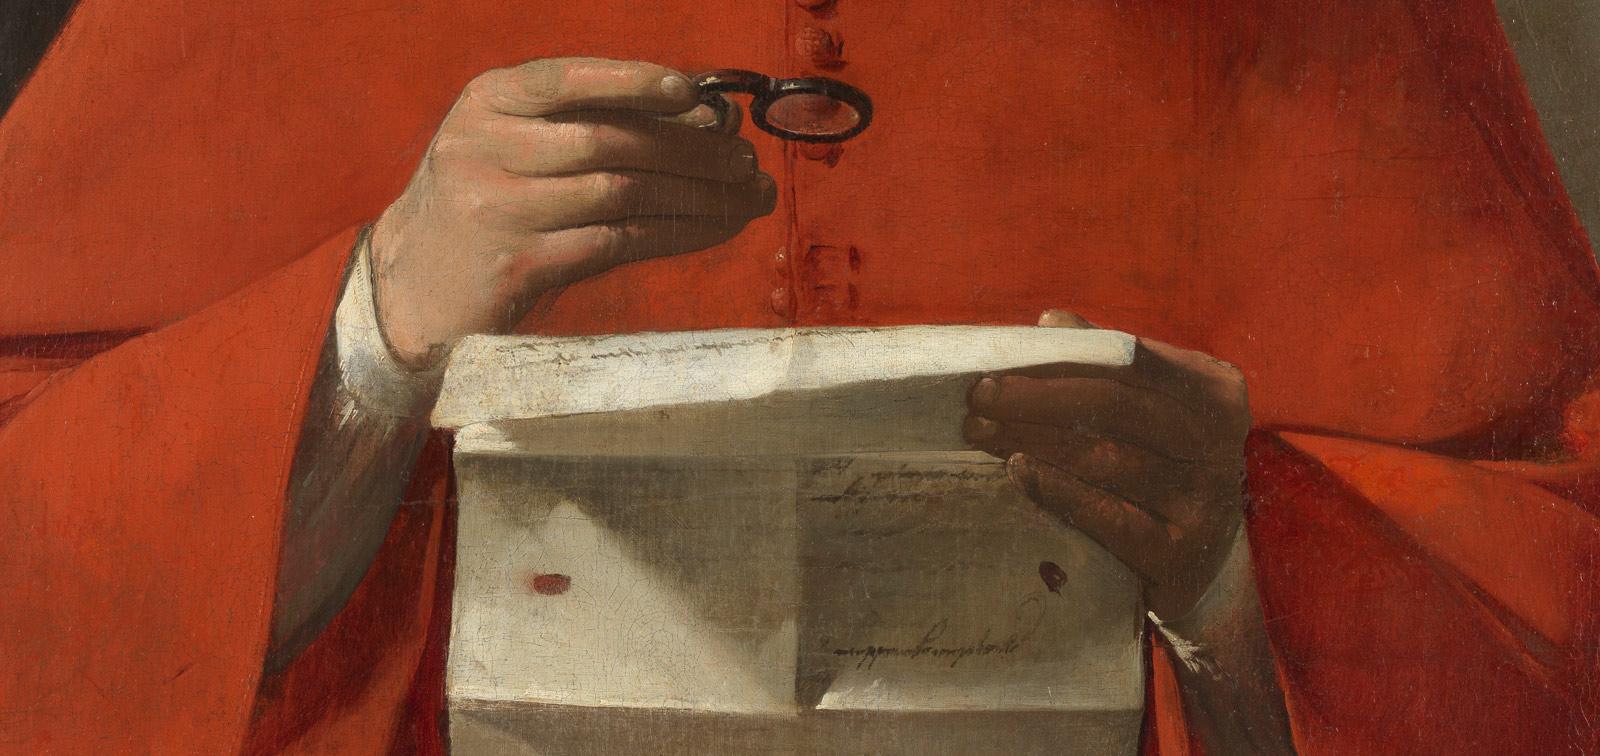 Jornadas de archivos de museos.<em> Mirar el pasado para construir el futuro</em>